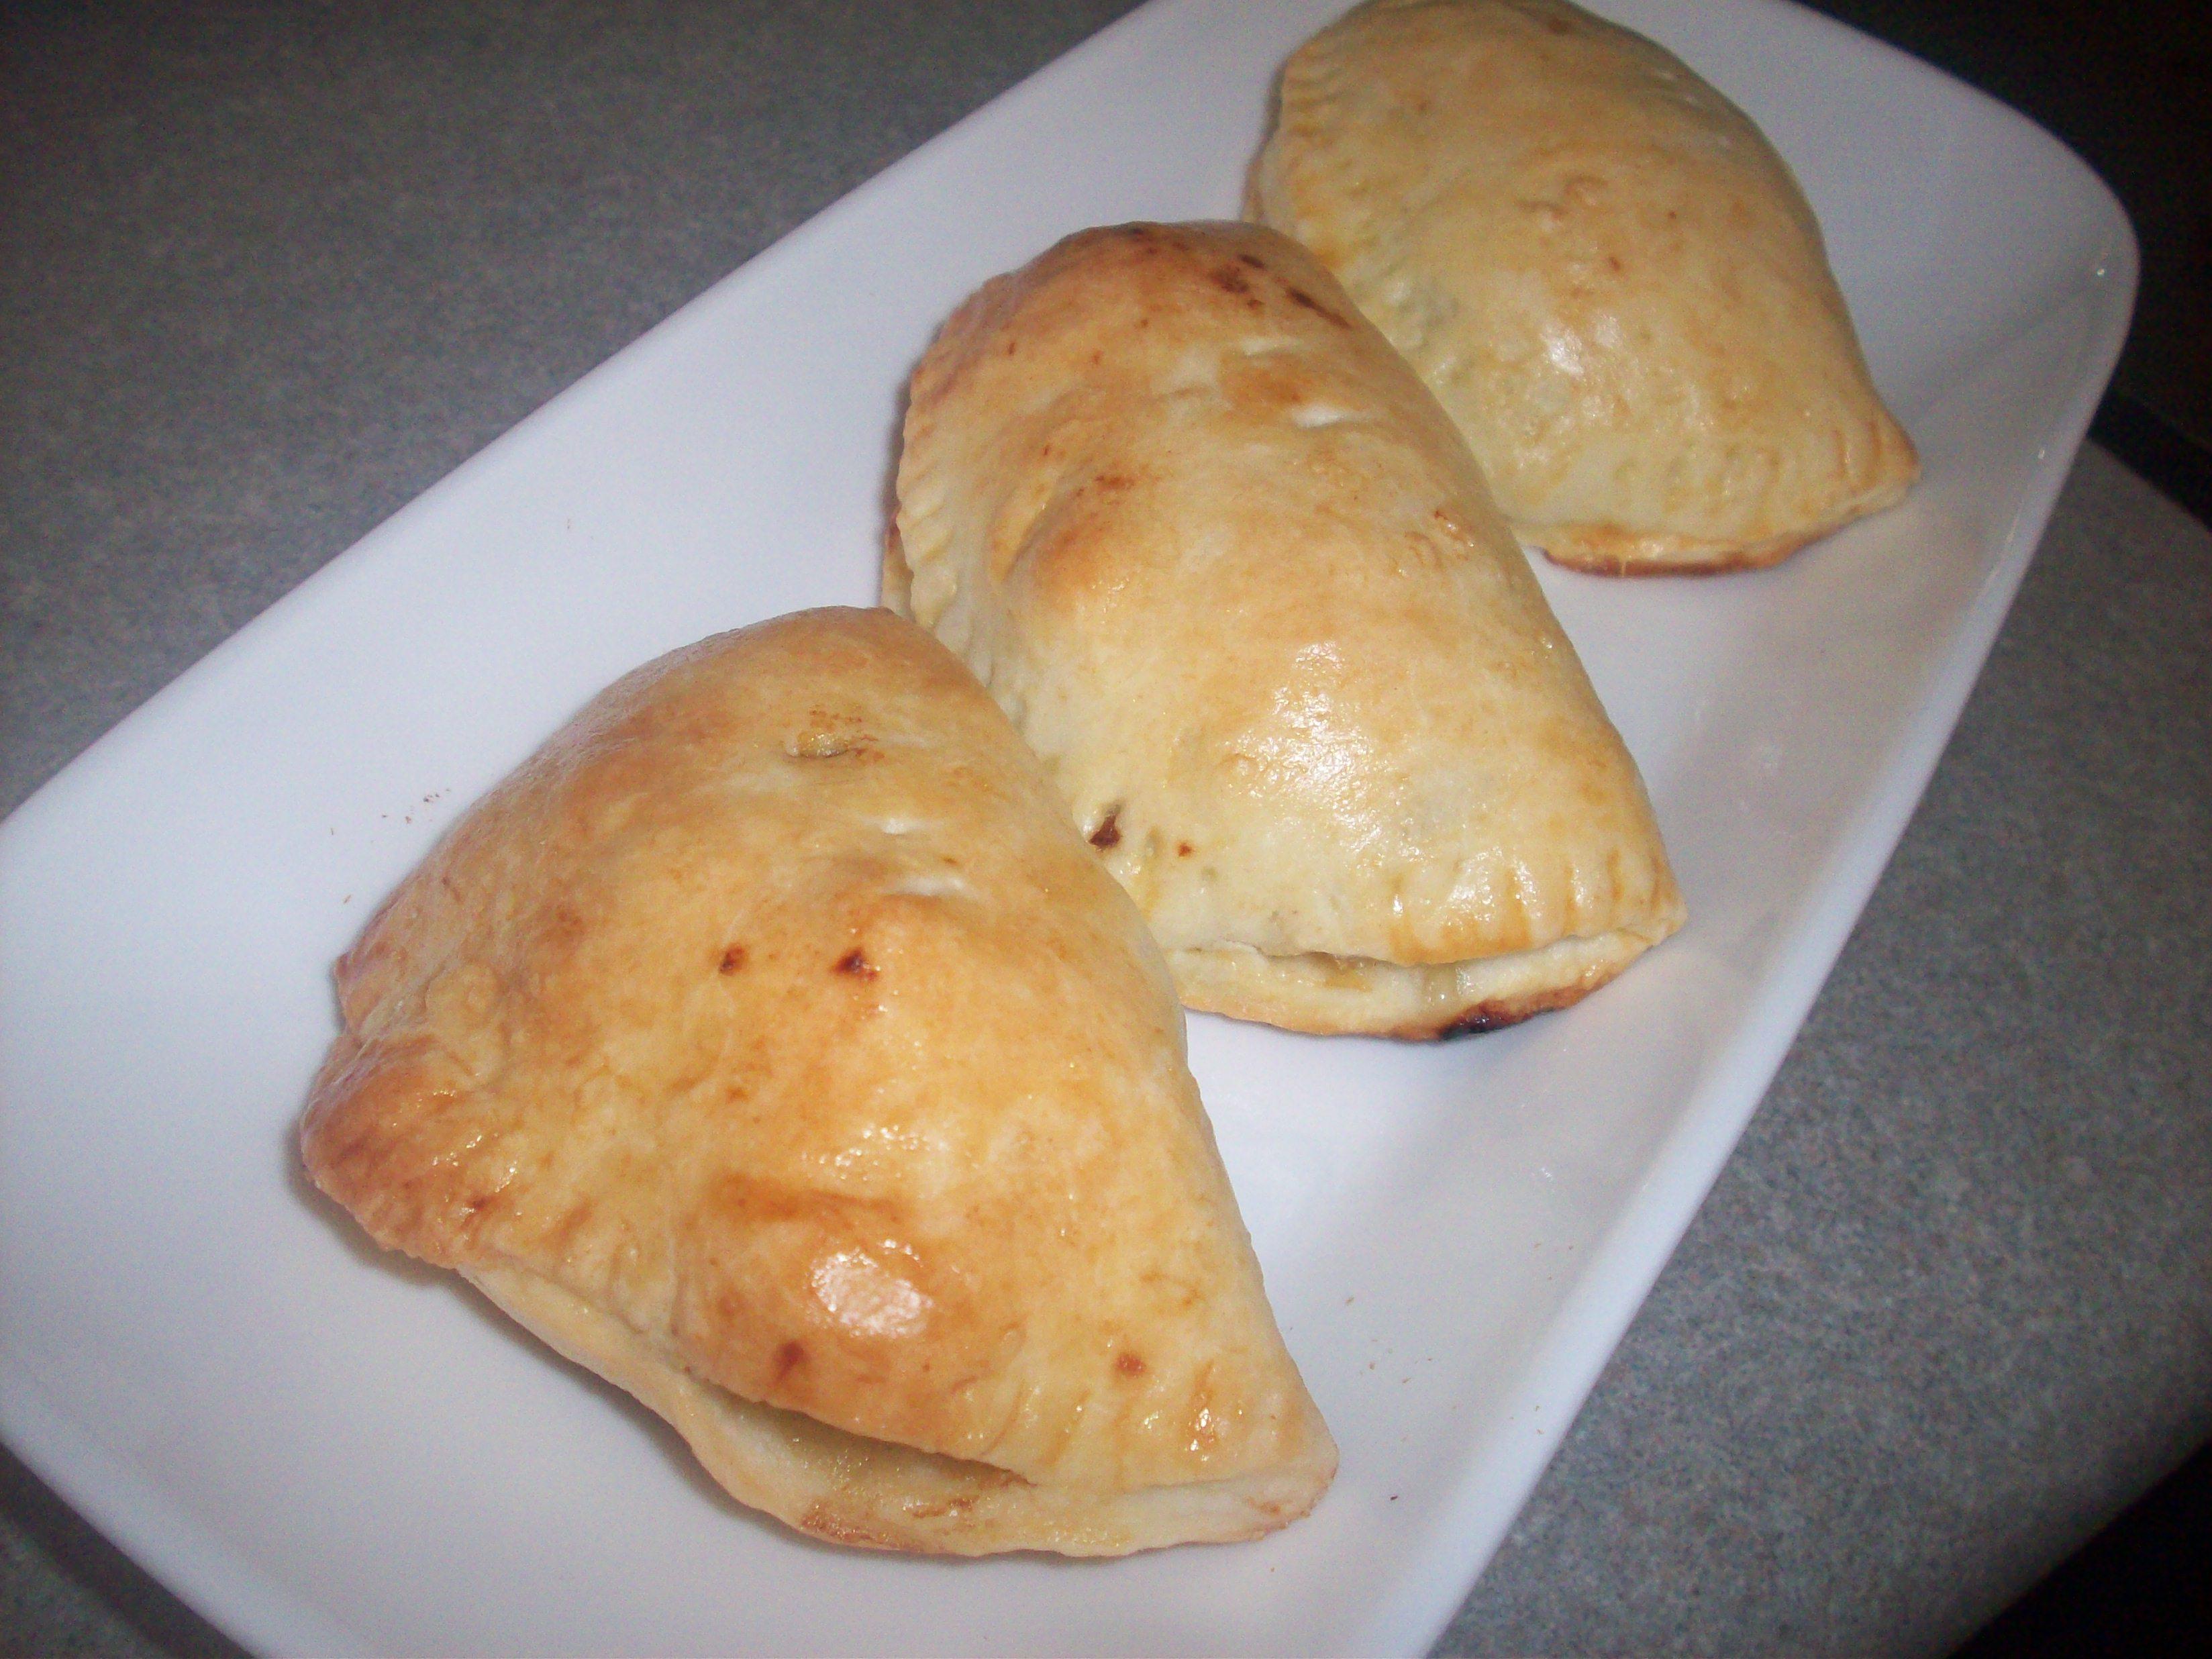 http://foodloader.net/cutie_2010-04-23_Chicken_Empanada.jpg